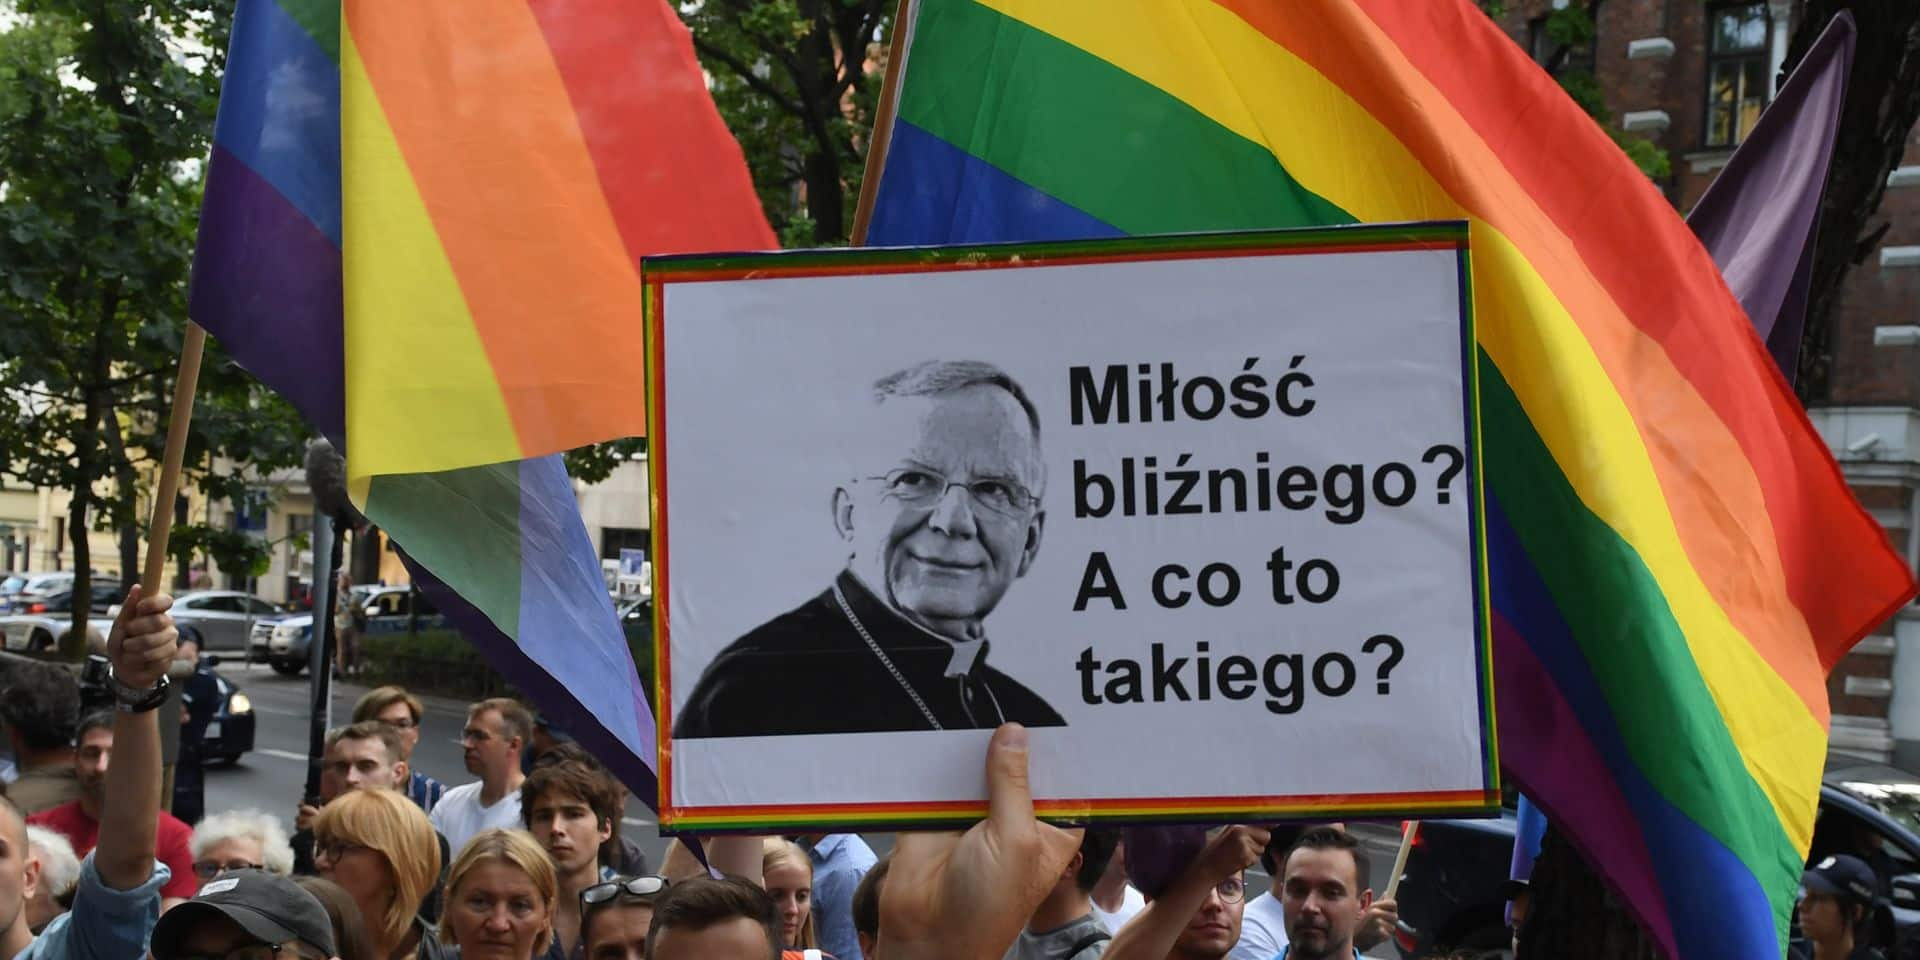 Pologne: les homosexuels, nouveaux boucs émissaires des nationalistes du PiS